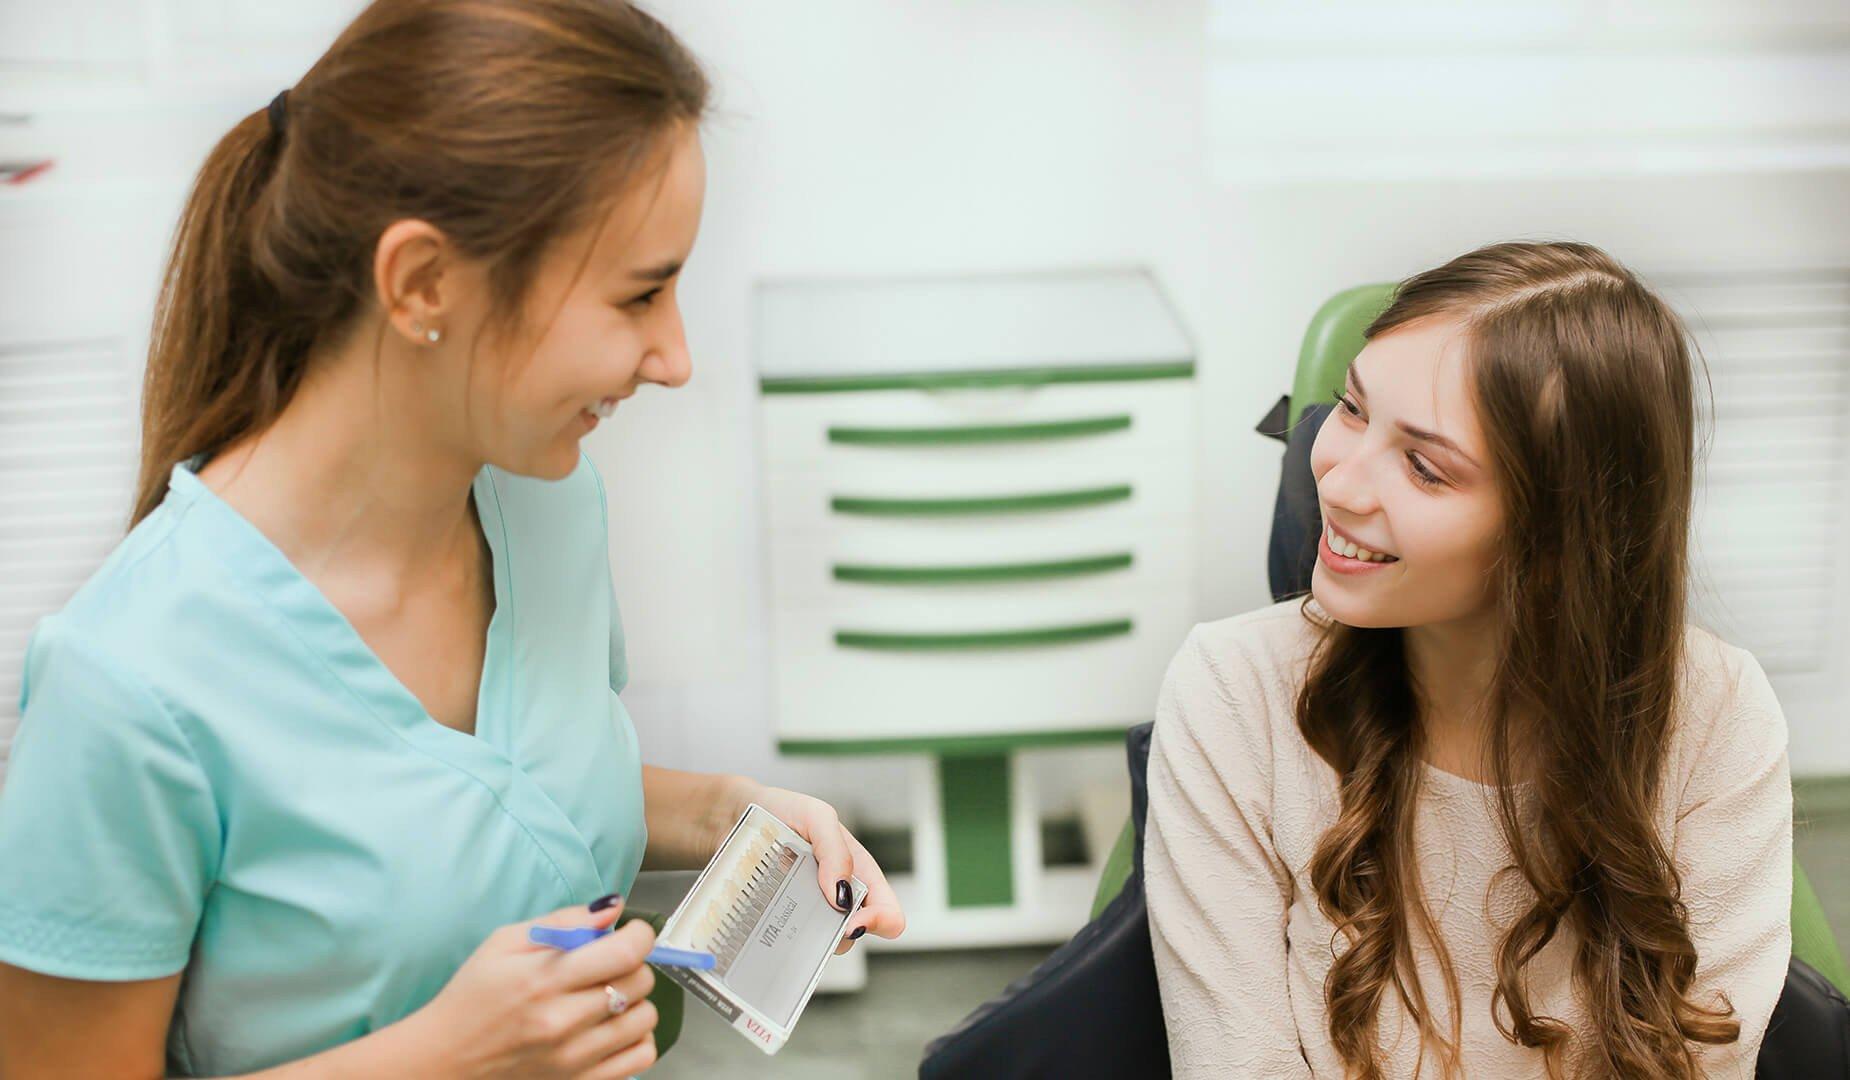 Врач рассказывает пациентке о процедуре отбеливания